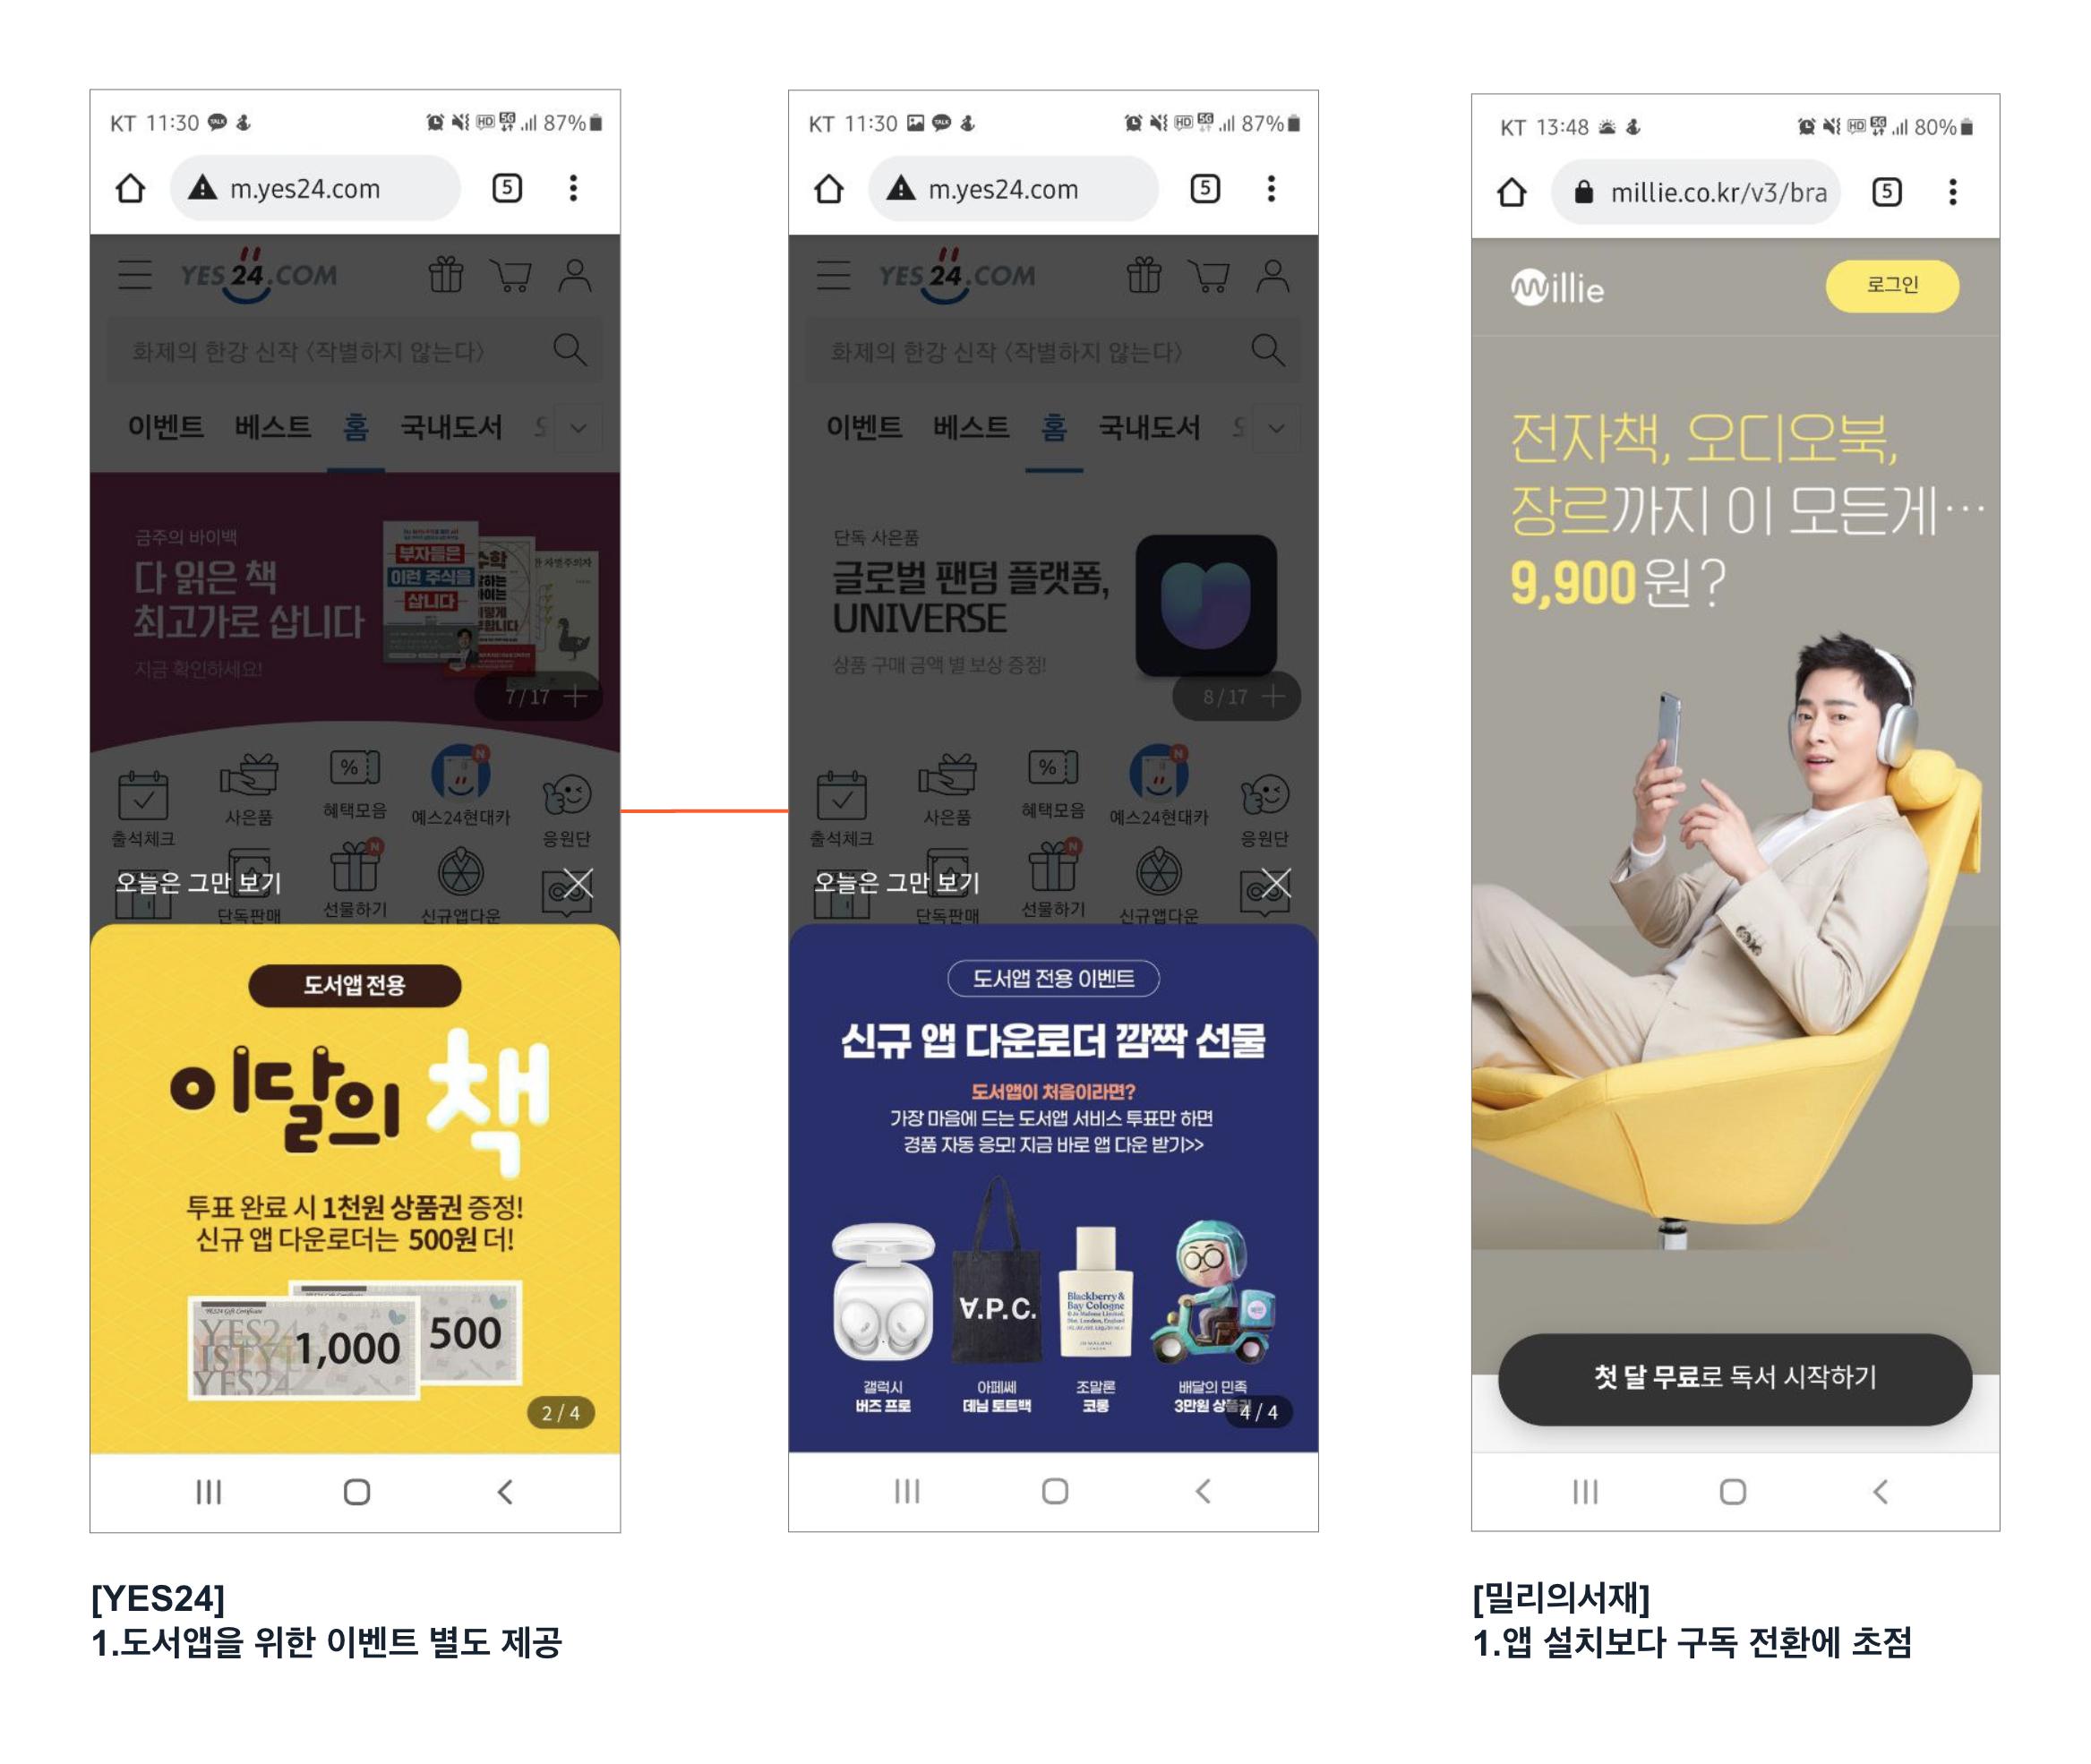 YES24의 변경된 팝업, 밀리의 서재 앱 다운로드 사례